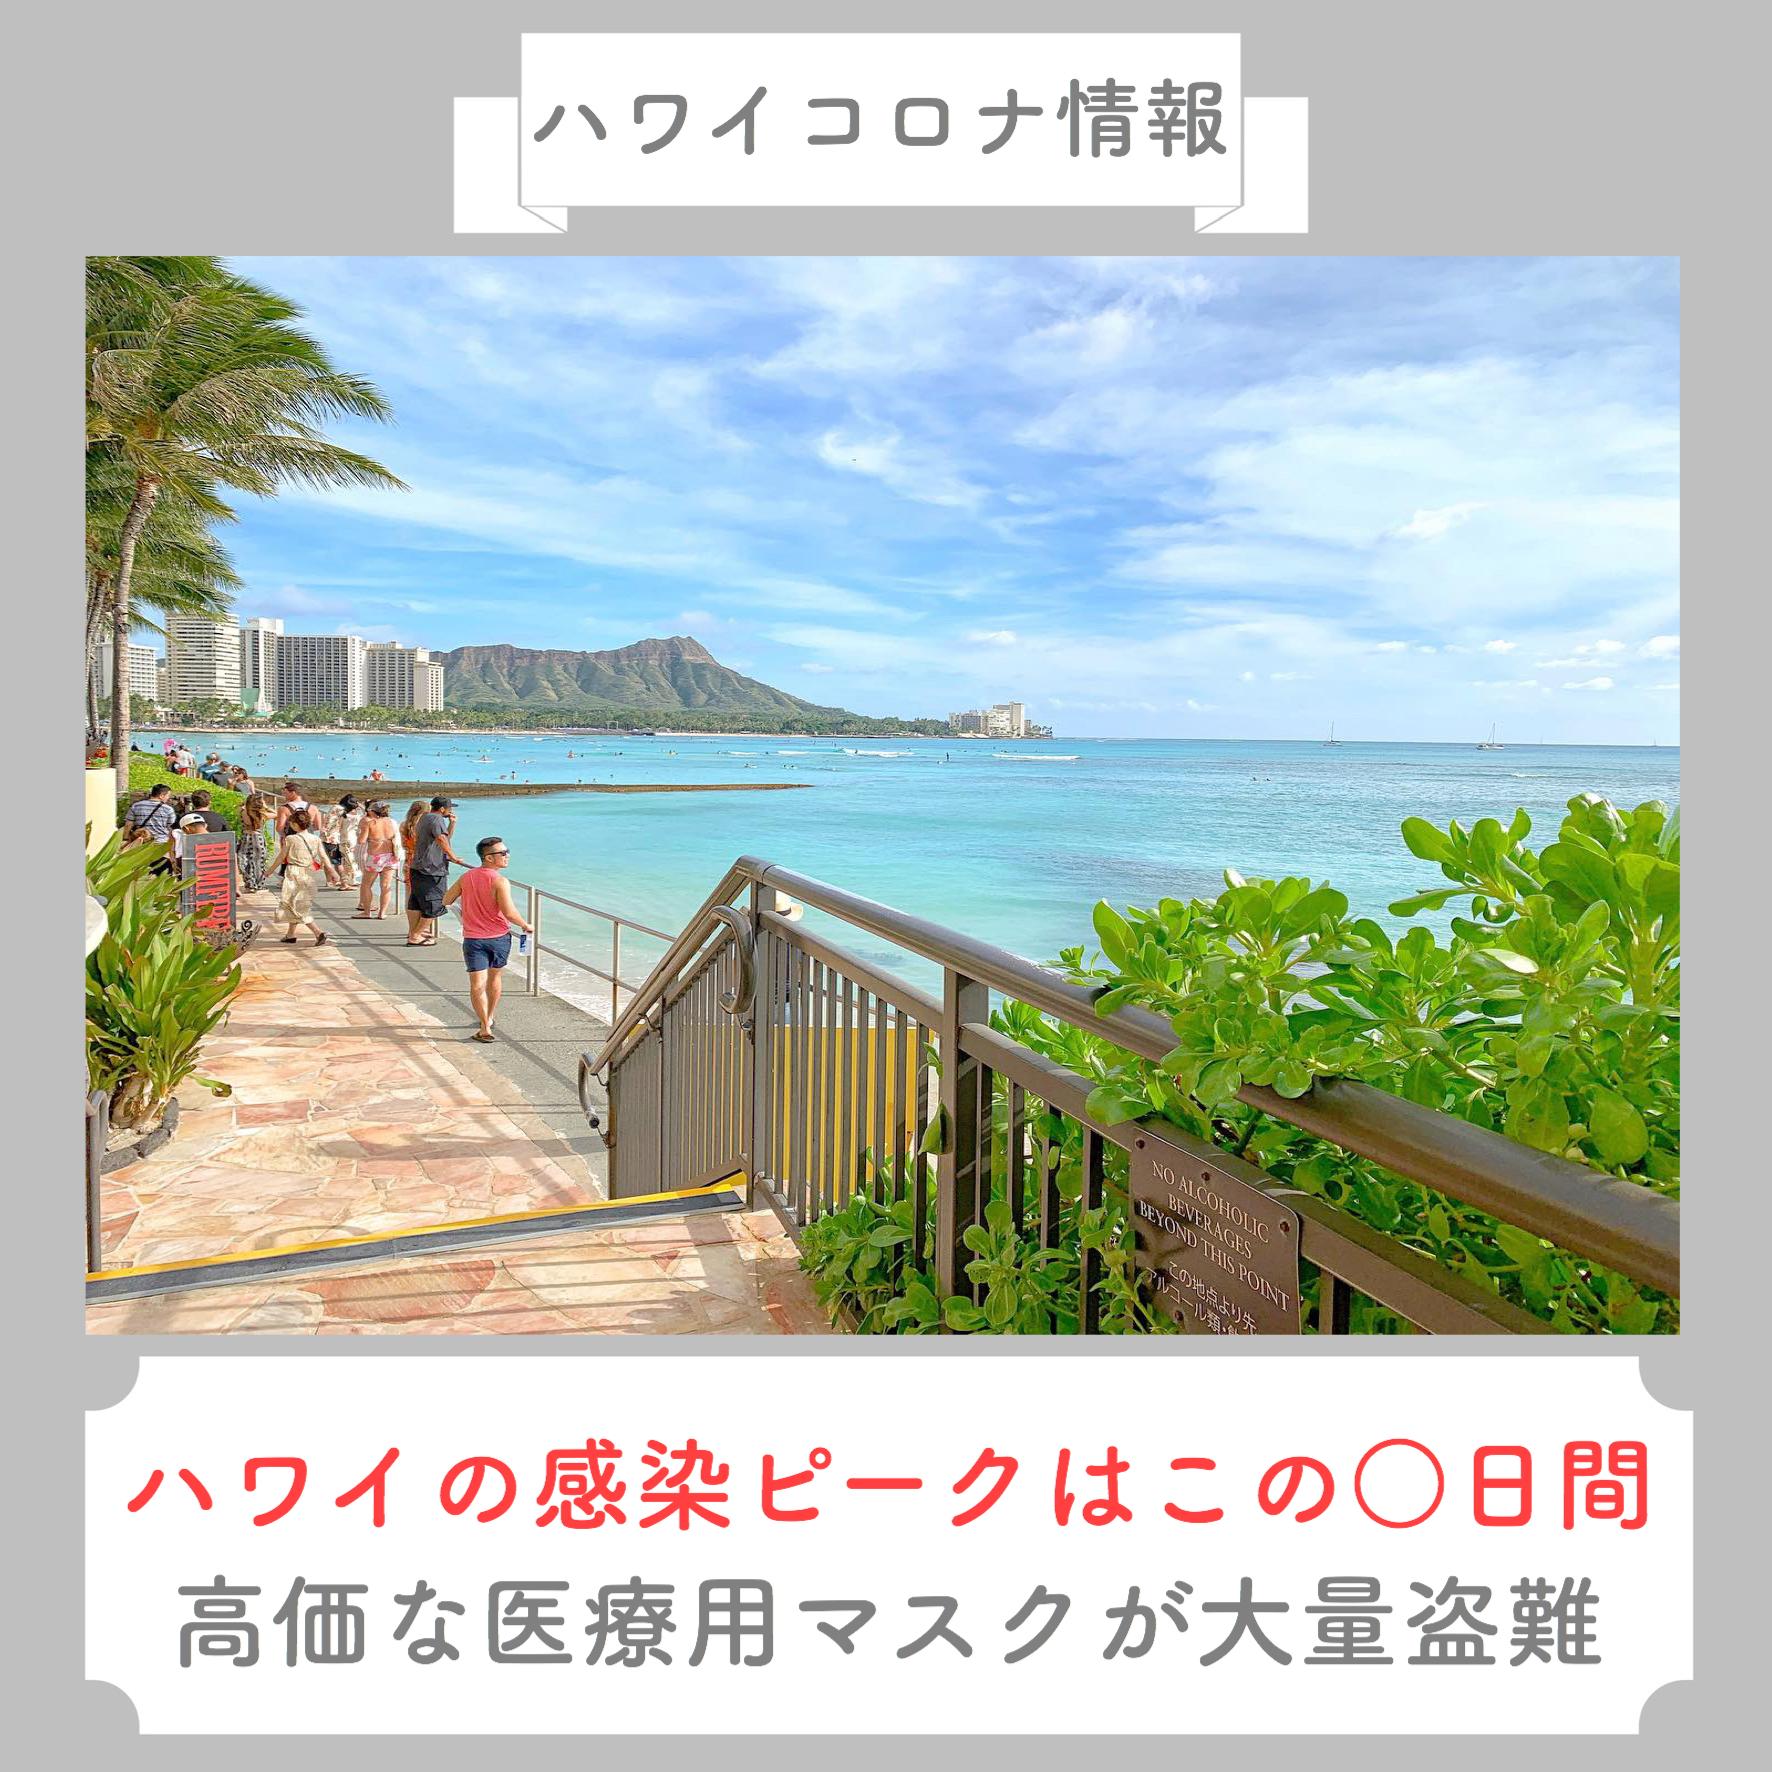 【ハワイコロナ情報】ハワイの感染ピークはこの○日間 高価な医療用マスクが大量盗難